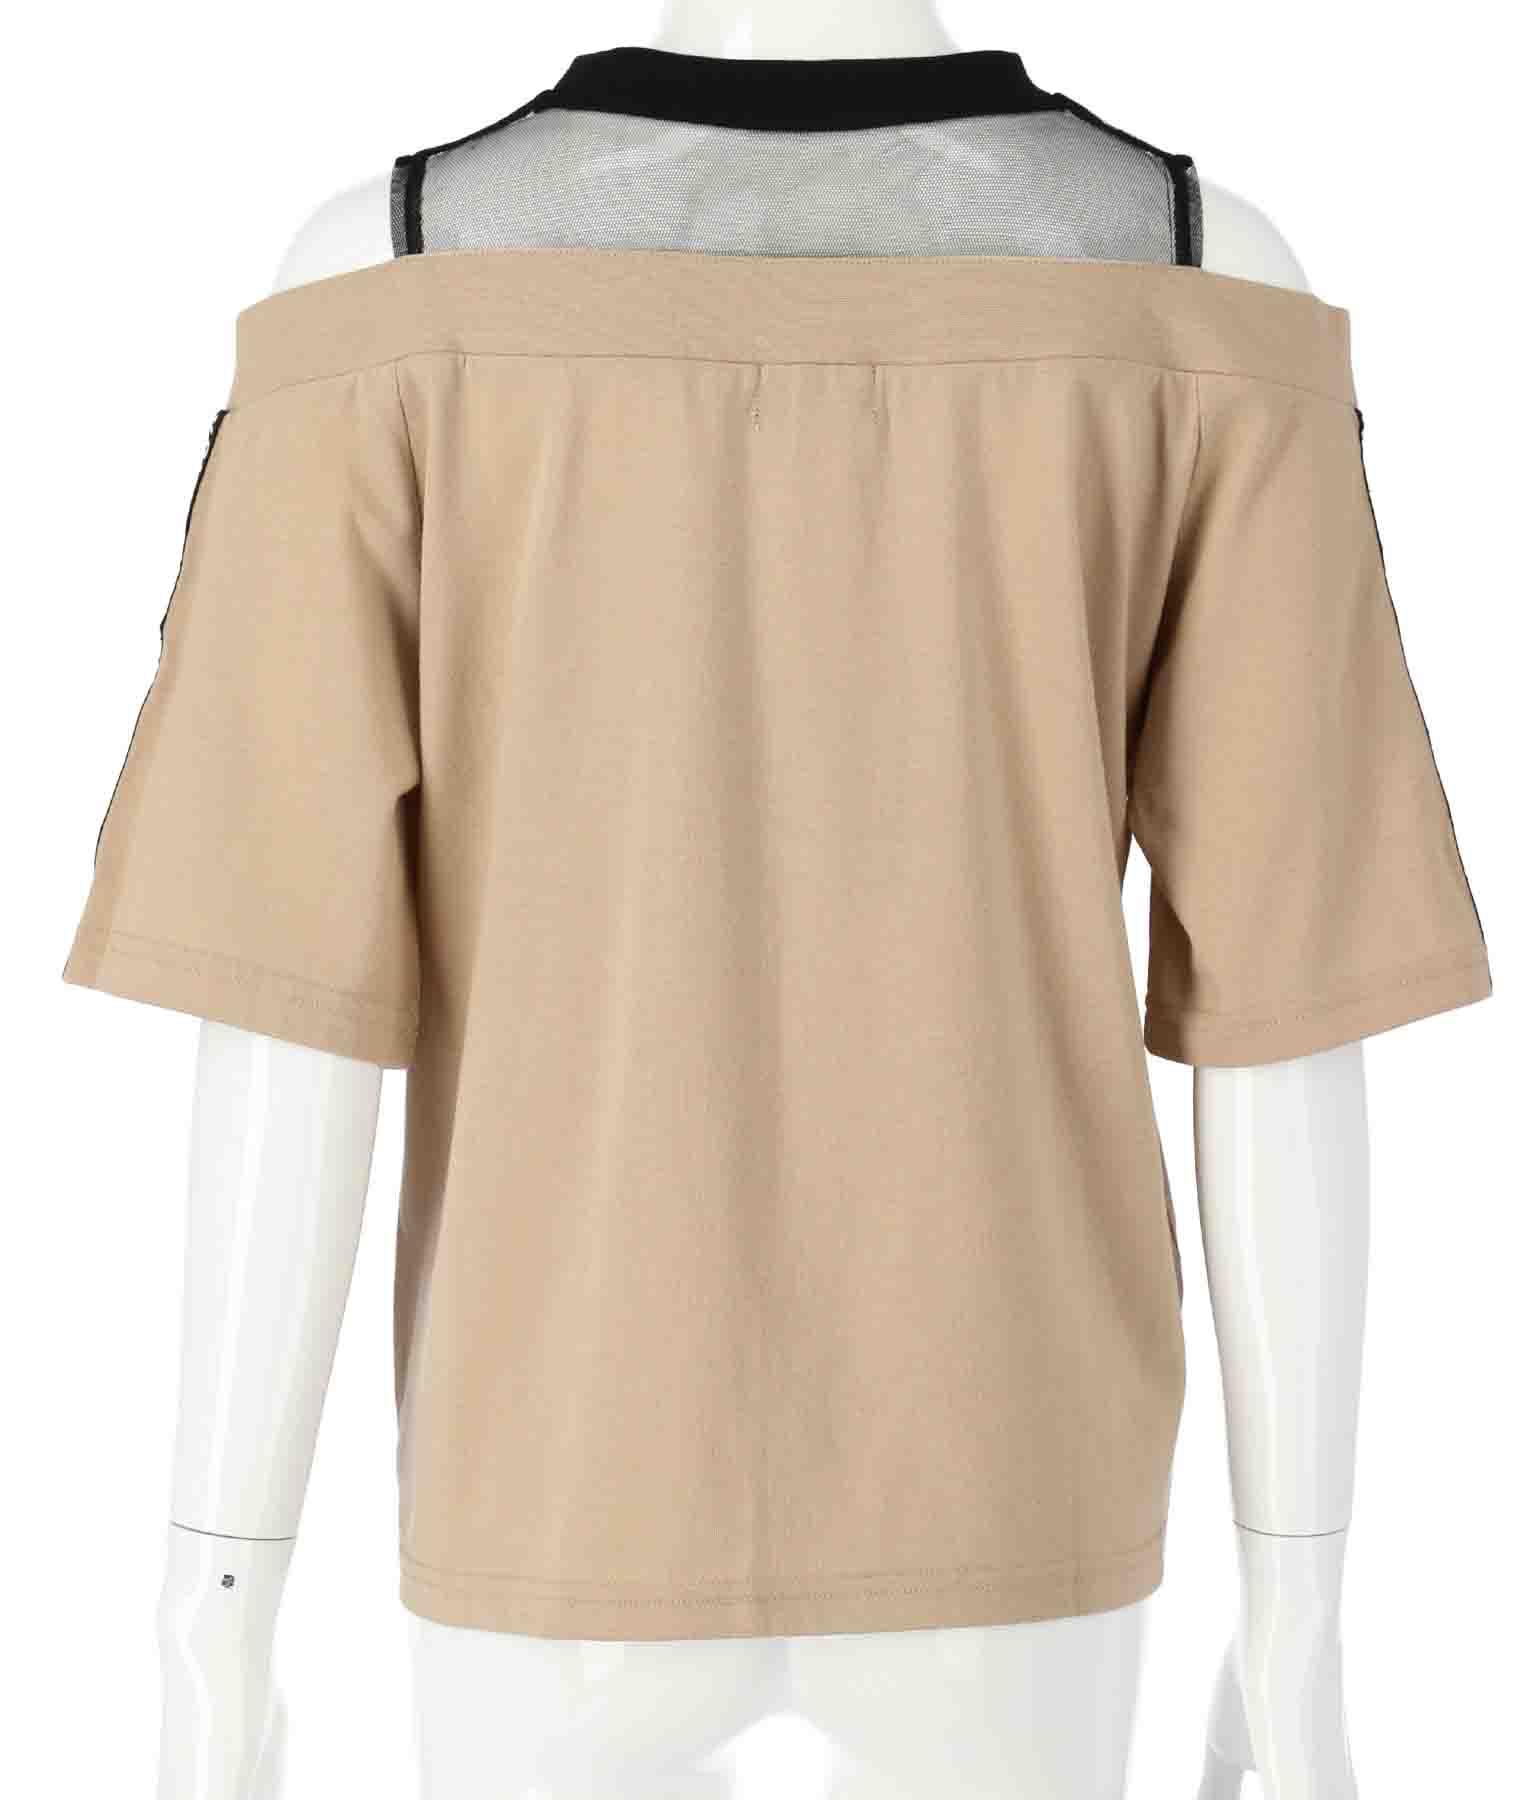 チュール切替肩開きトップス(トップス/Tシャツ) | ANAP GiRL